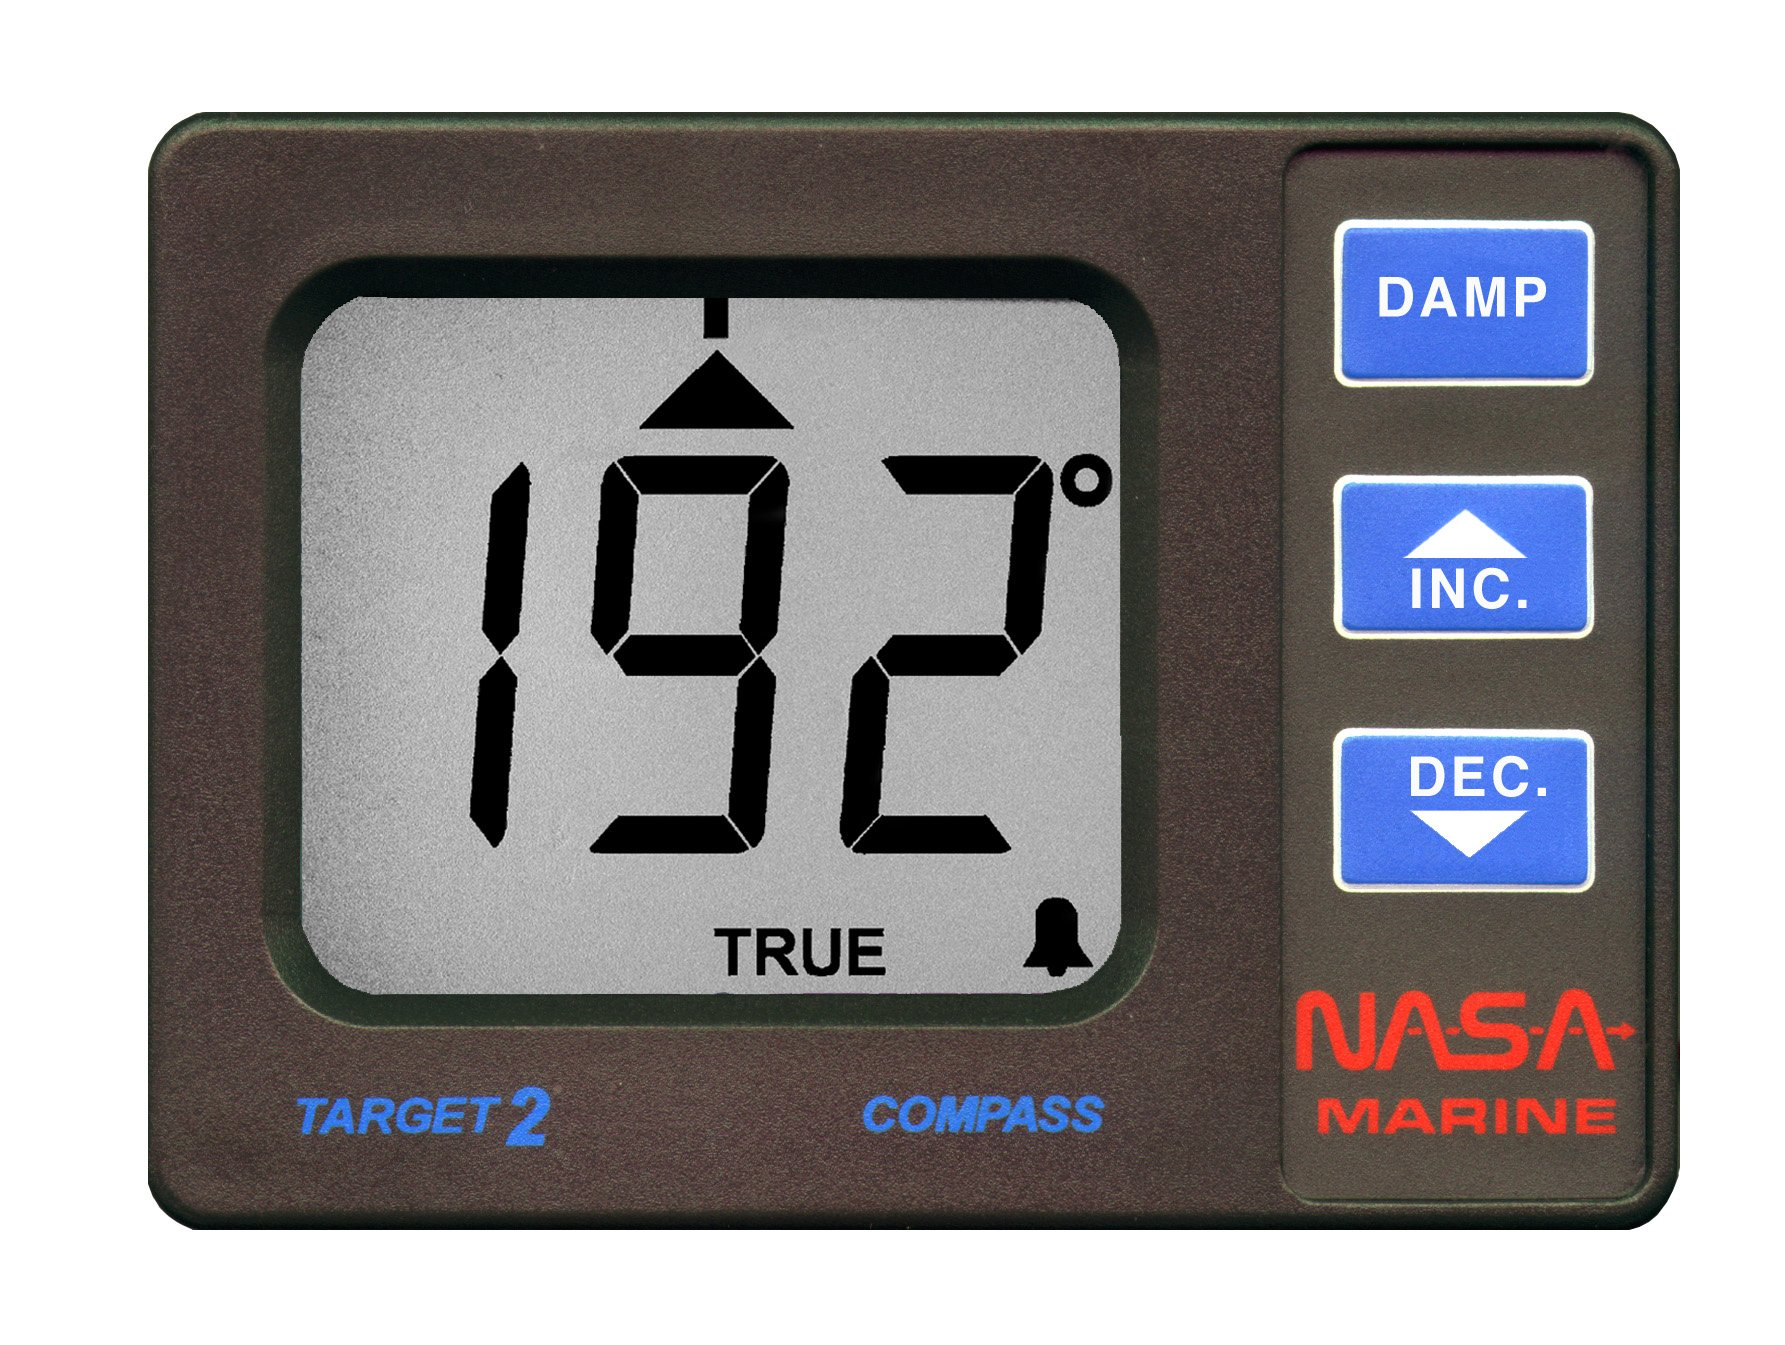 Nasa Target 2 Compass System 1